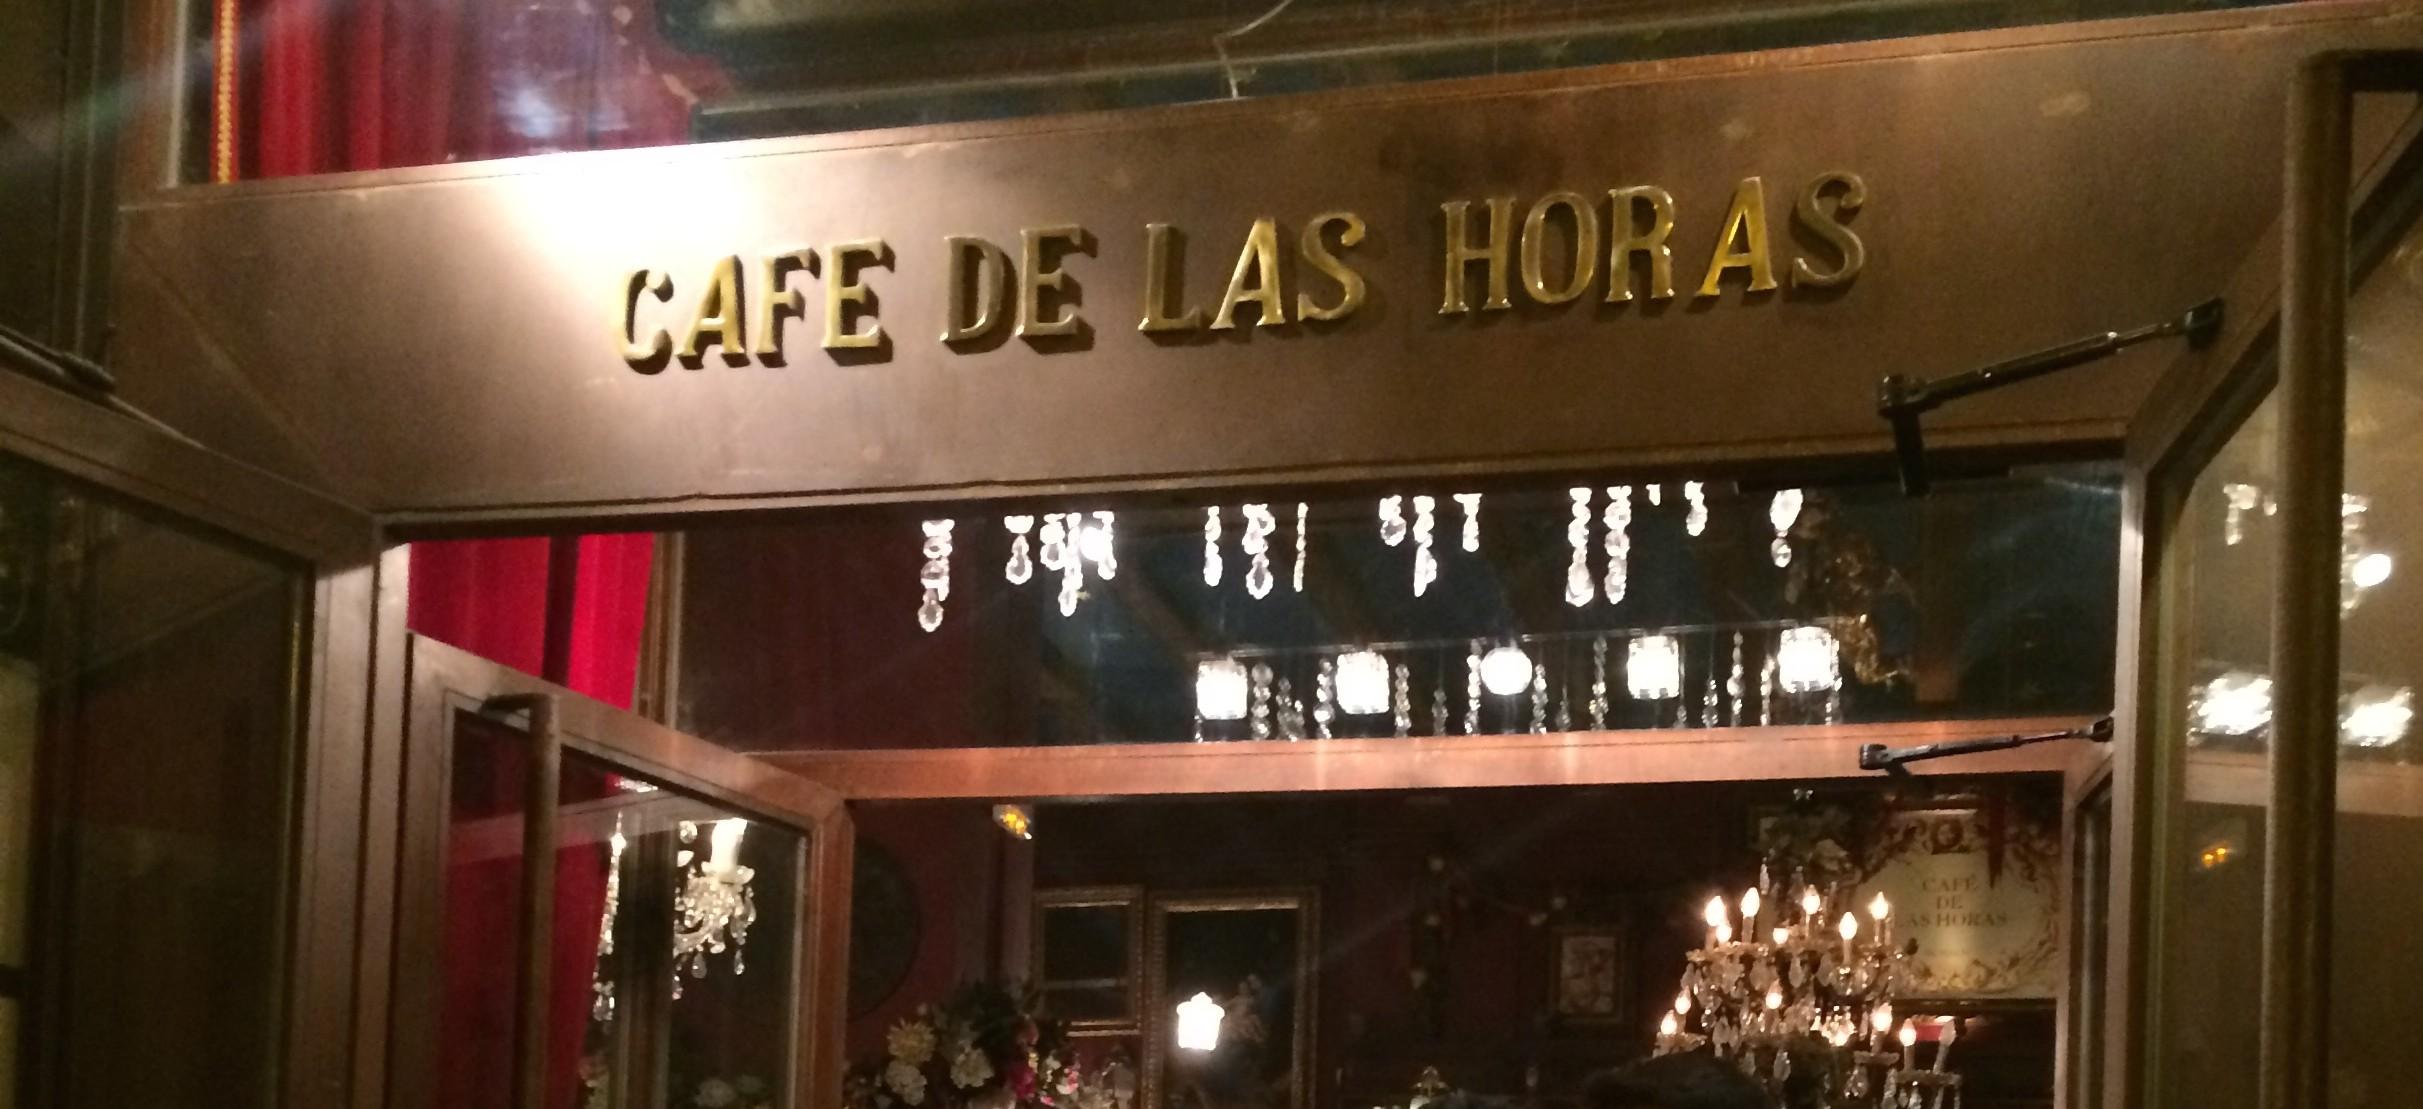 cafe de las horas - valence  espagne